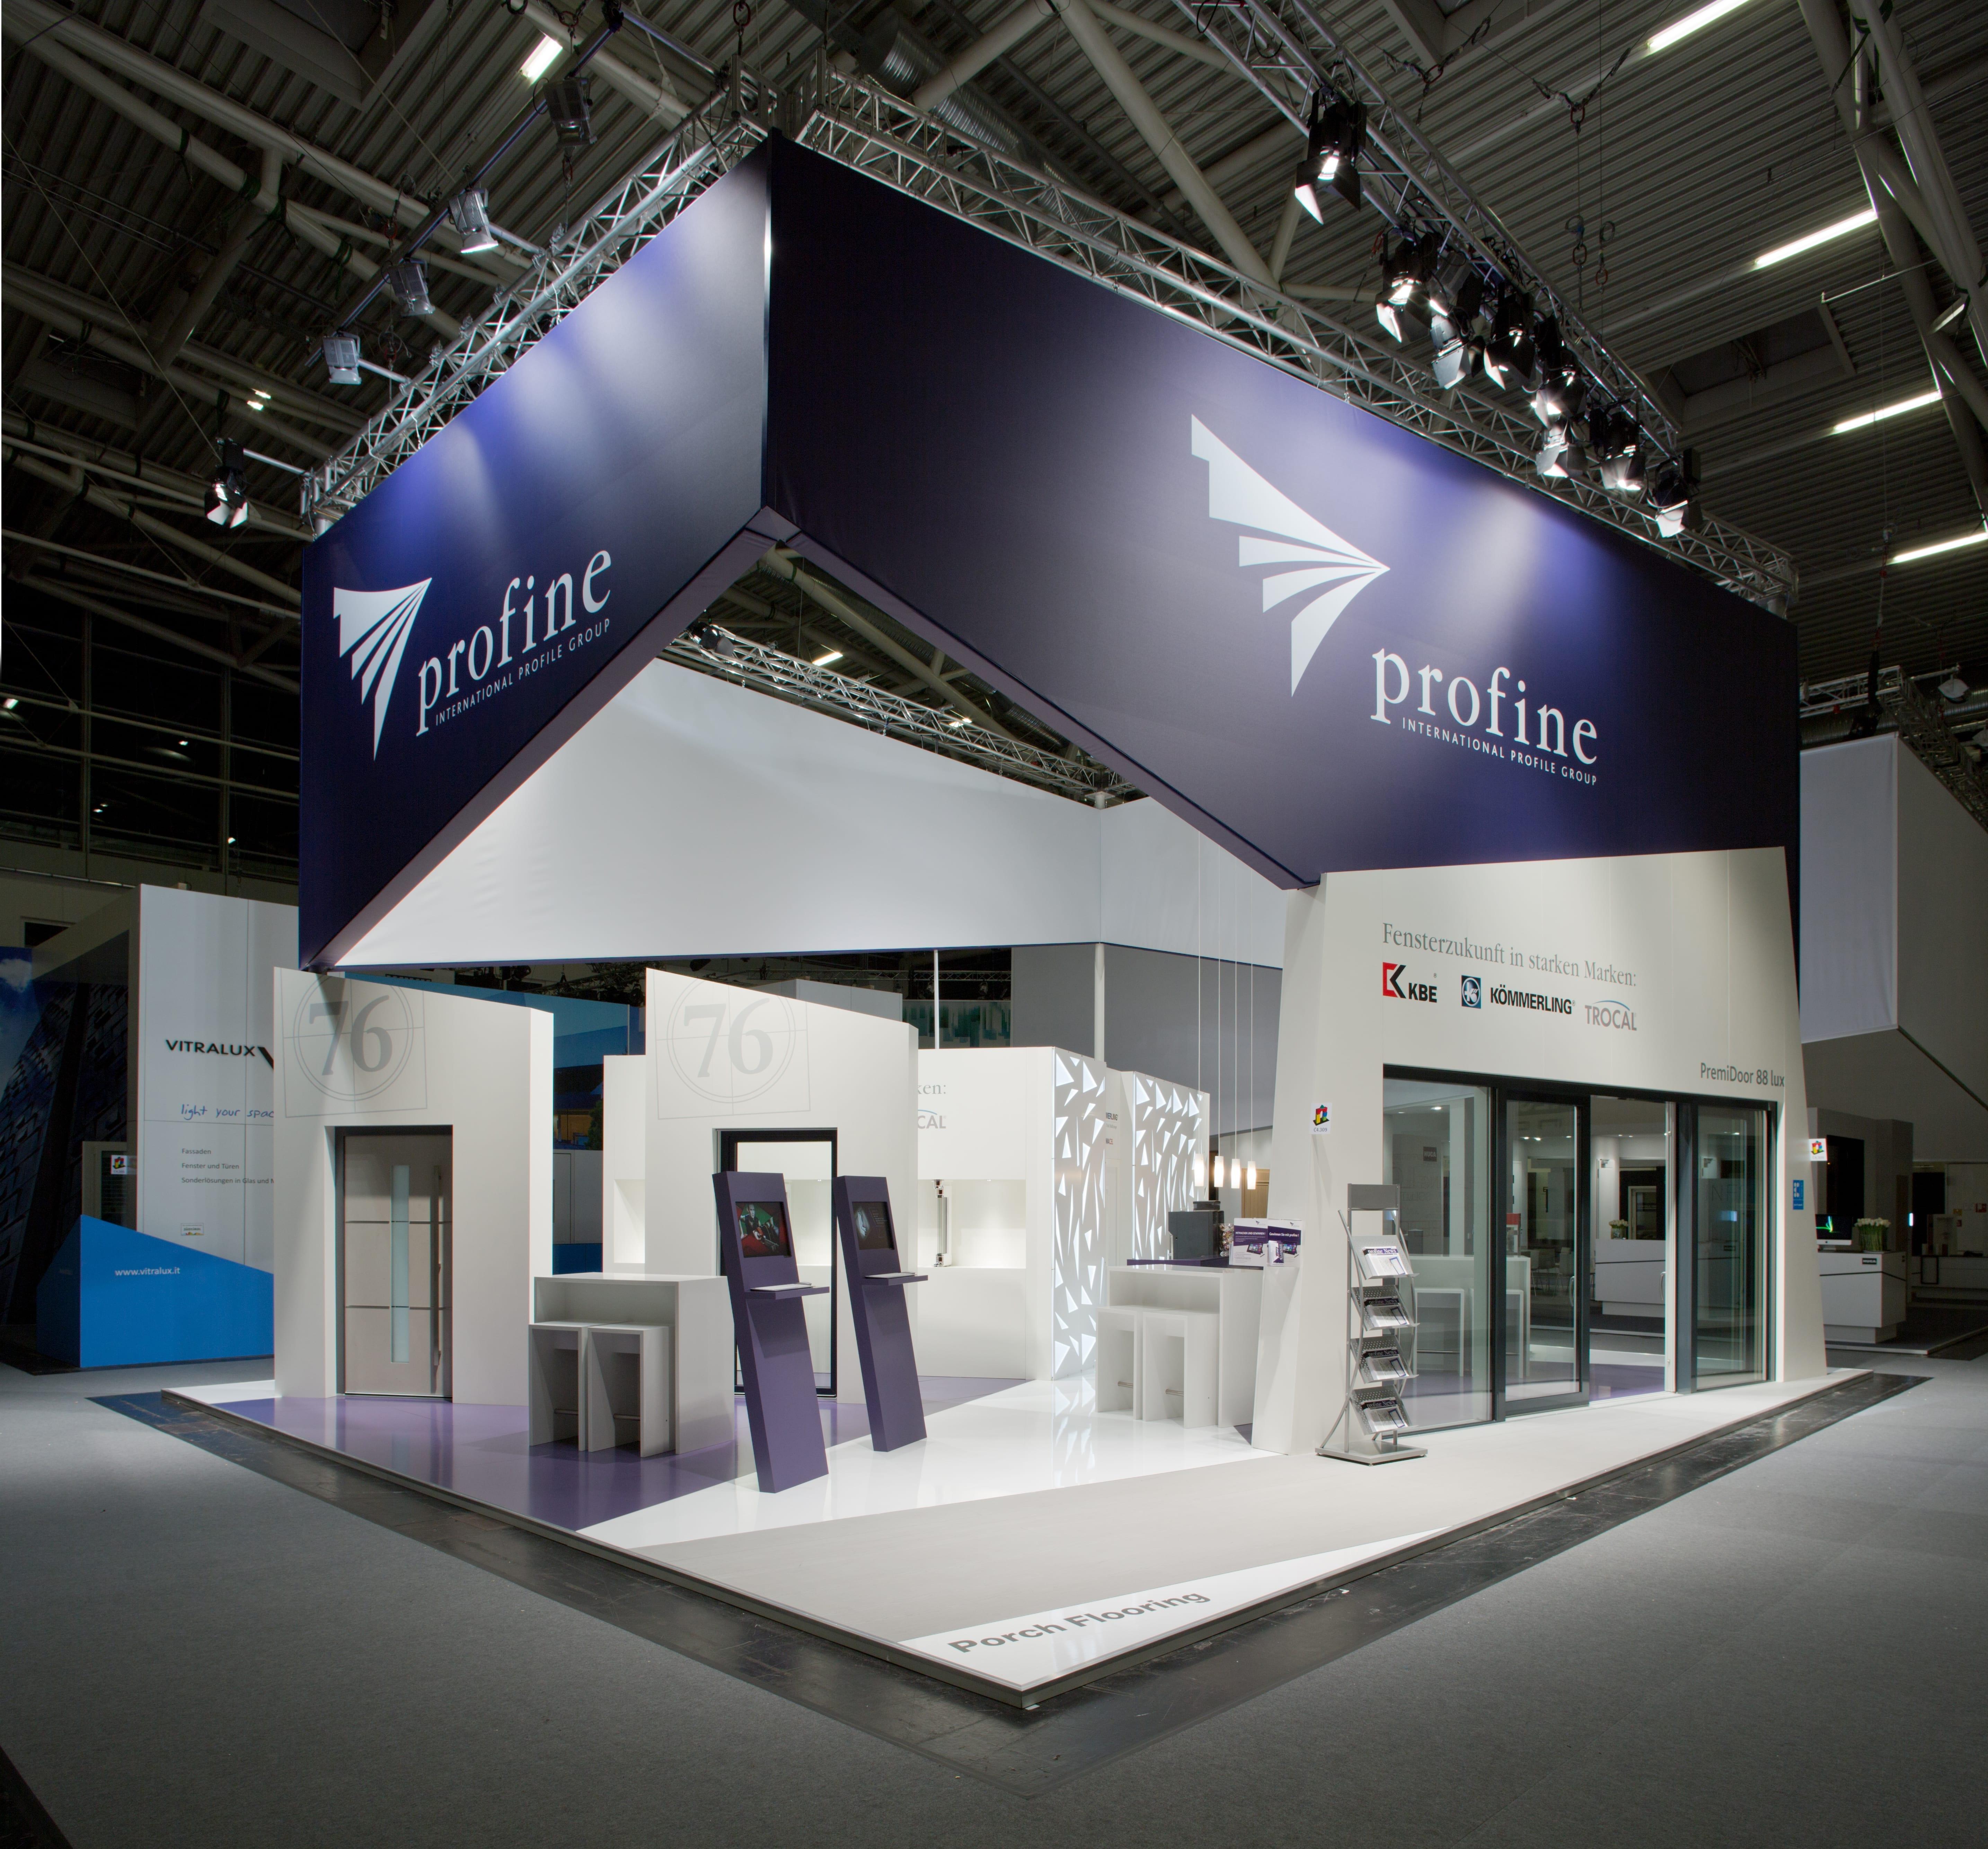 Exhibition Stand Design Download : Bau in munich kÖmmerling